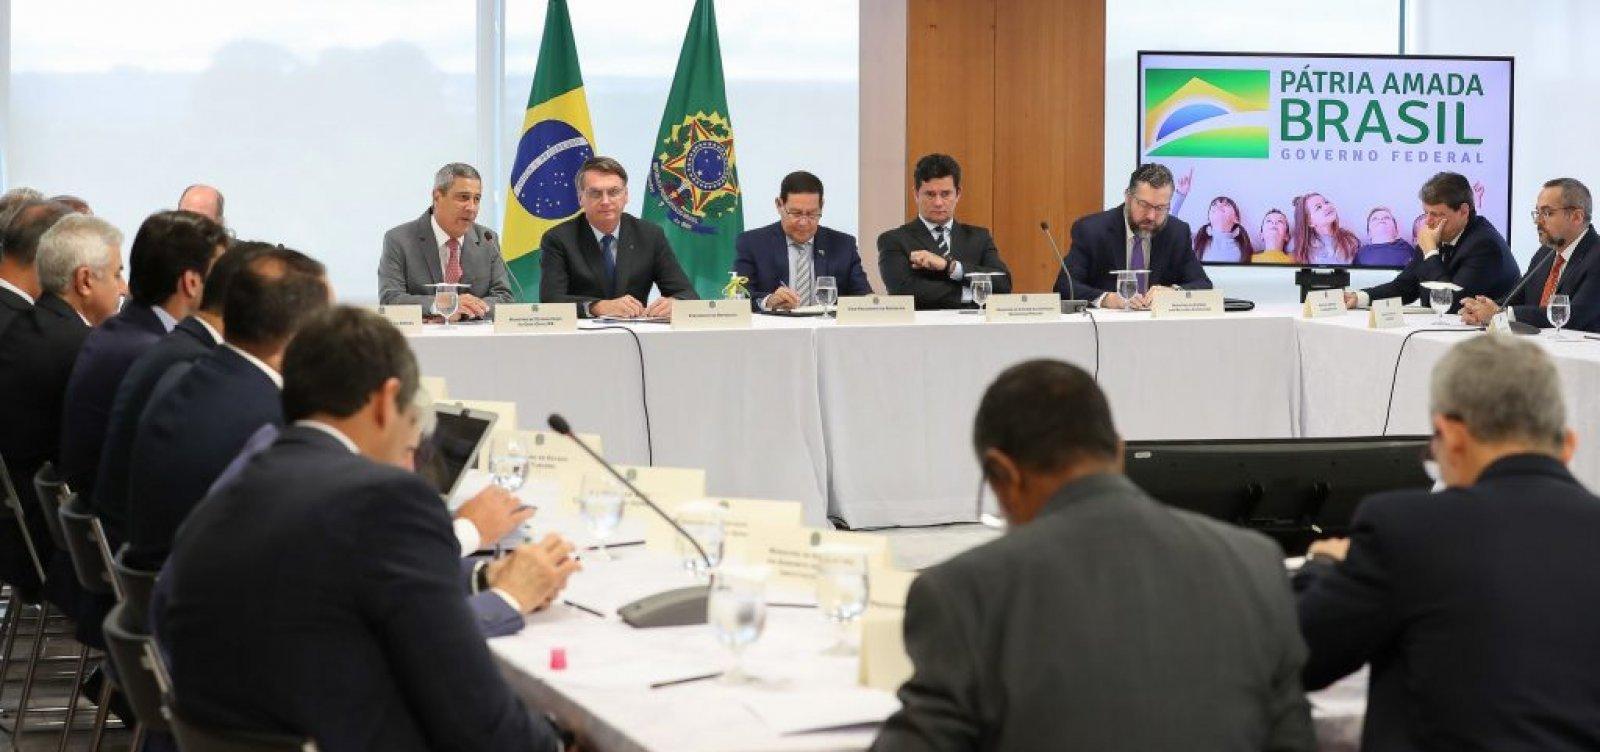 Vídeo da reunião ministerial do governo Bolsonaro é divulgado; veja aqui